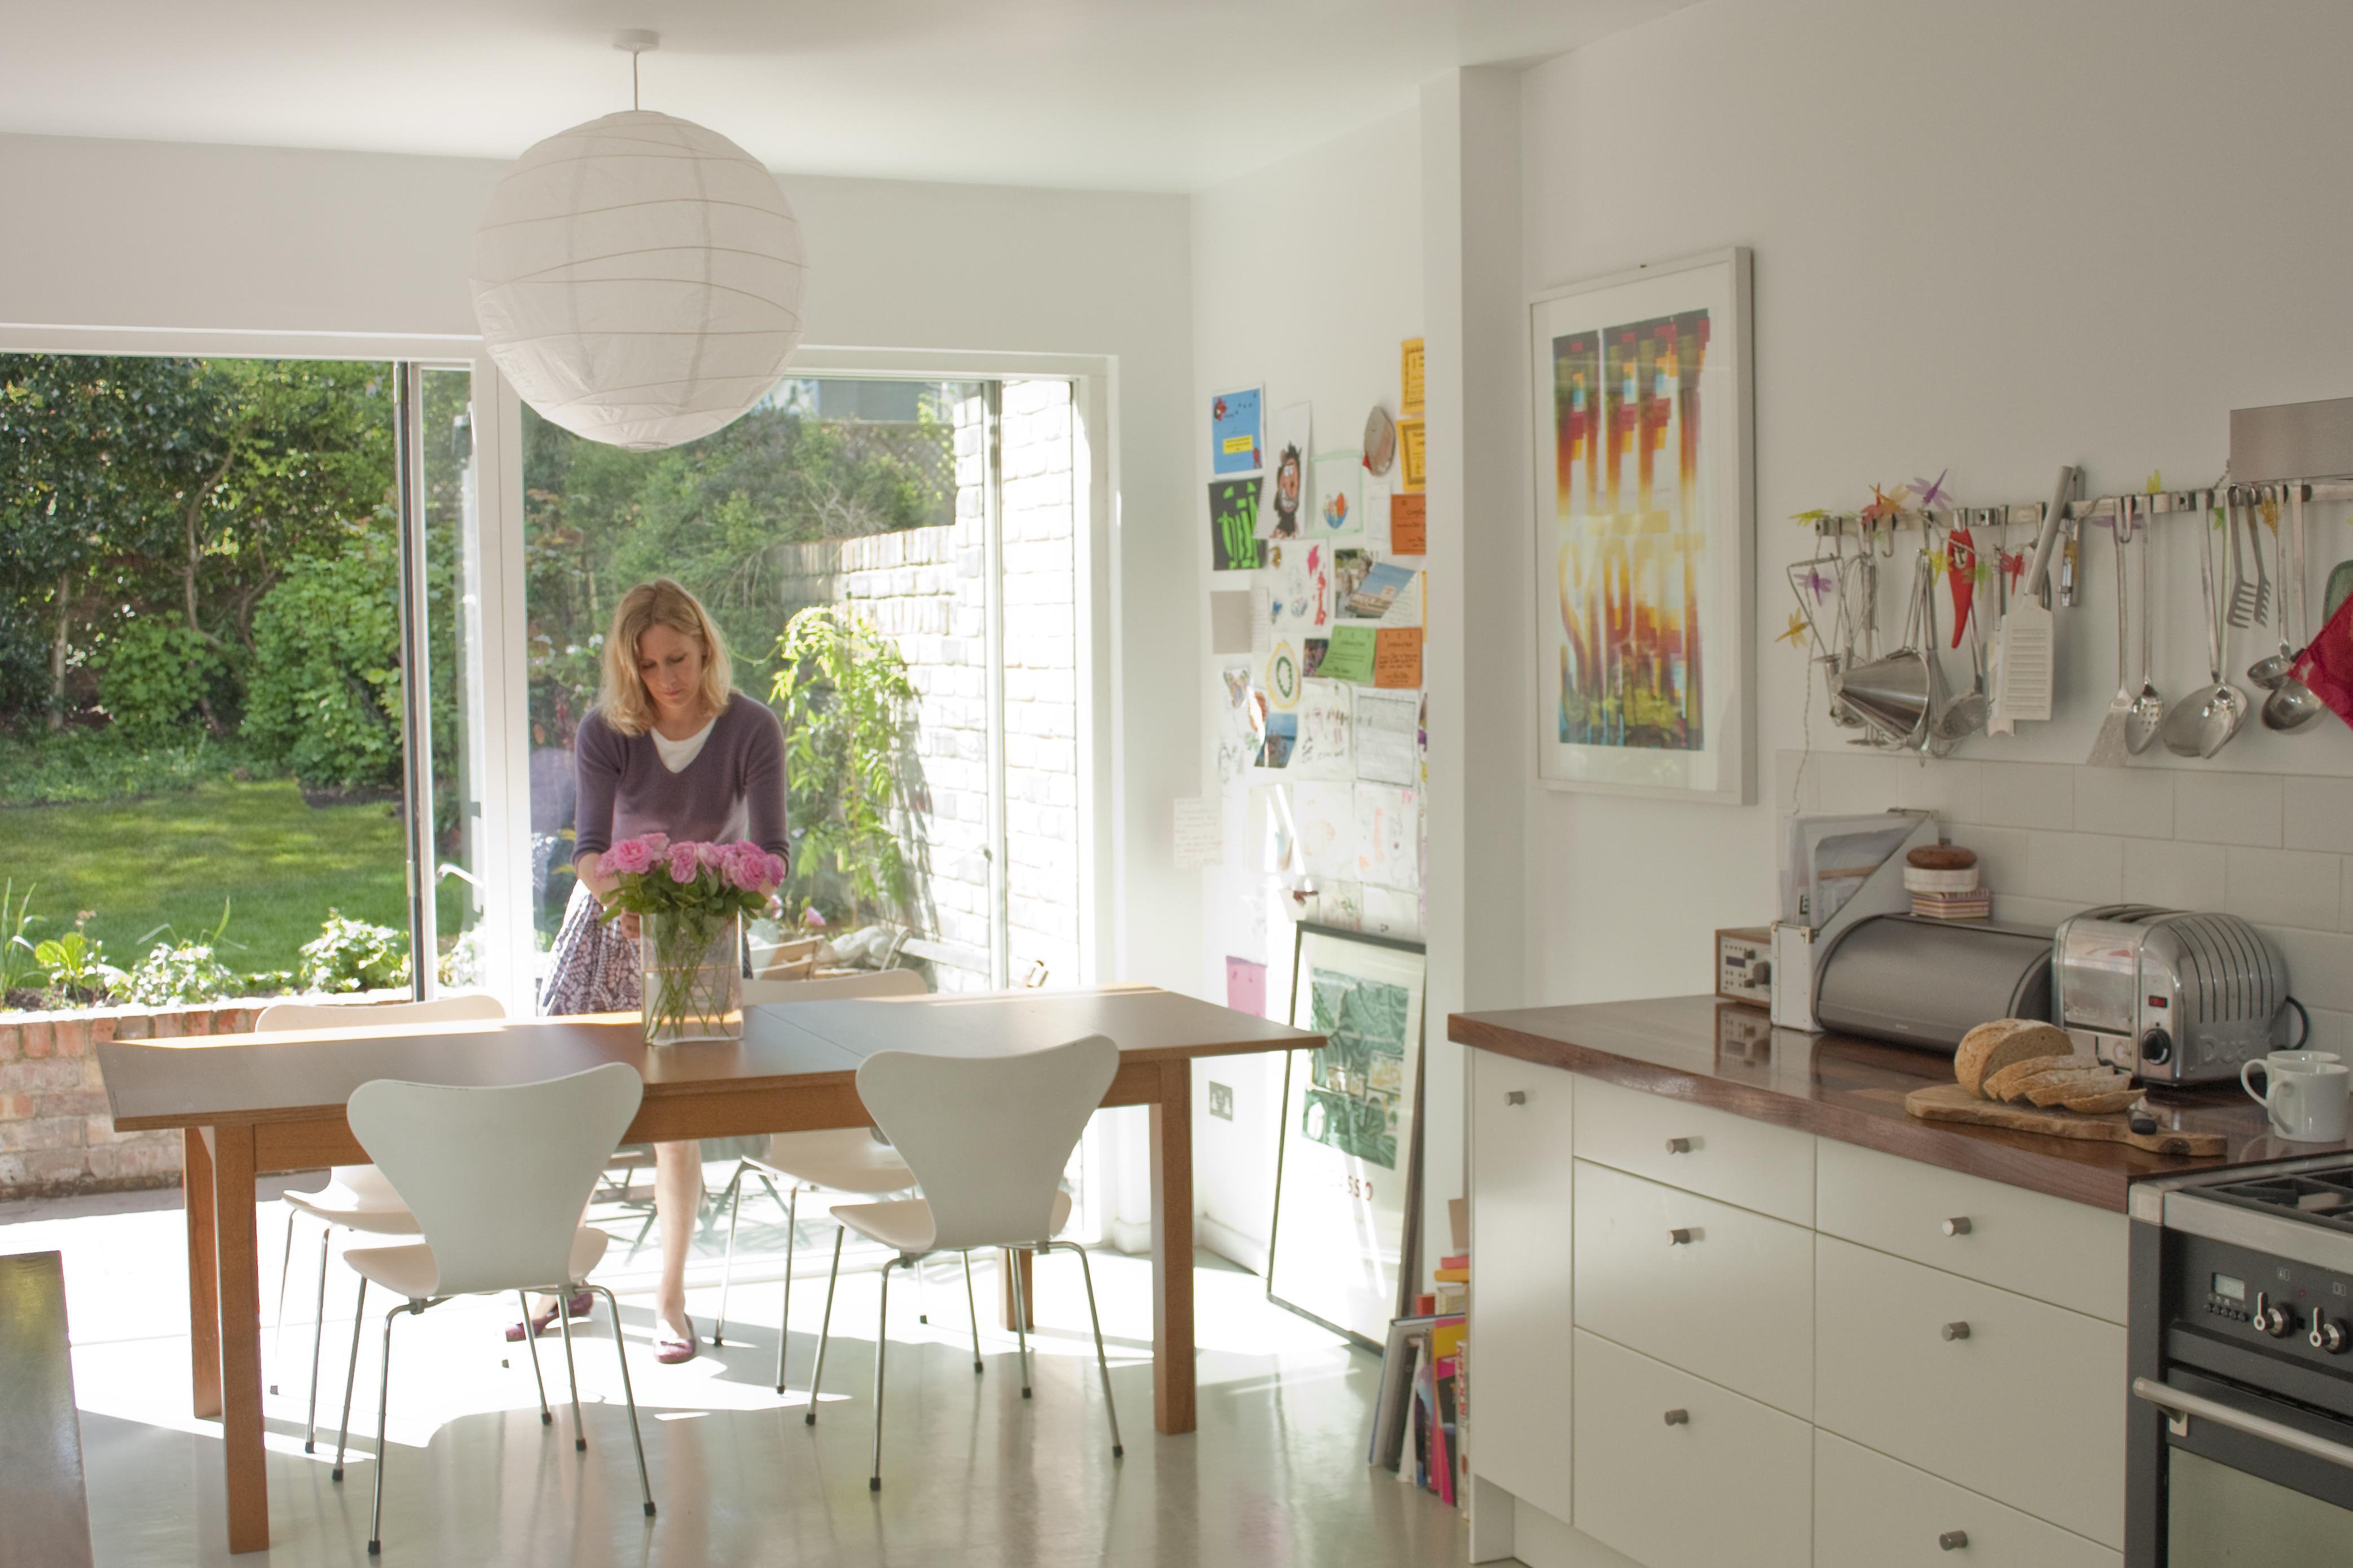 09_Designer's house in Westbury Park, Bristol by DHVA